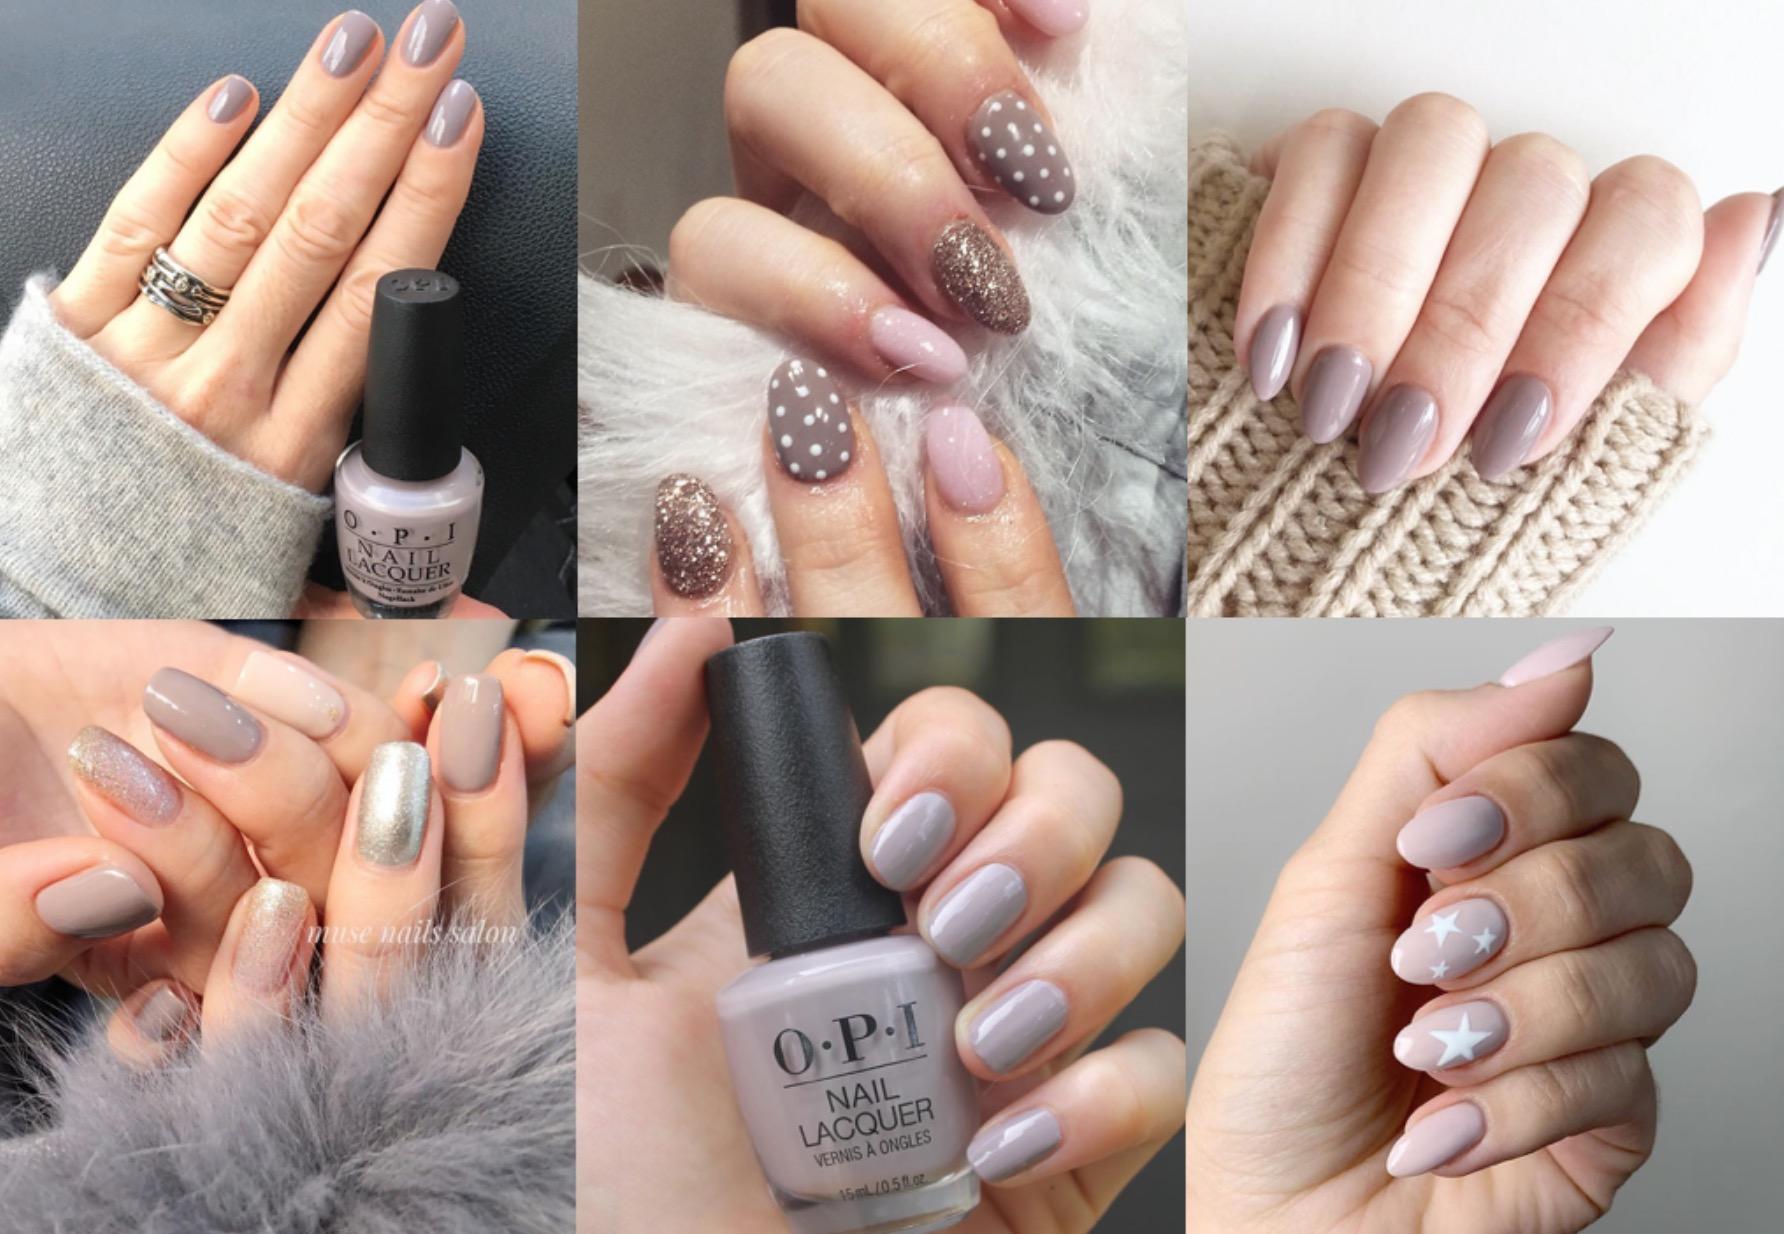 2019年掀起的「奶茶色」風潮,從服飾、彩妝、髮色、單品配件一路延燒,甚至連同指尖色彩也同步跟進!